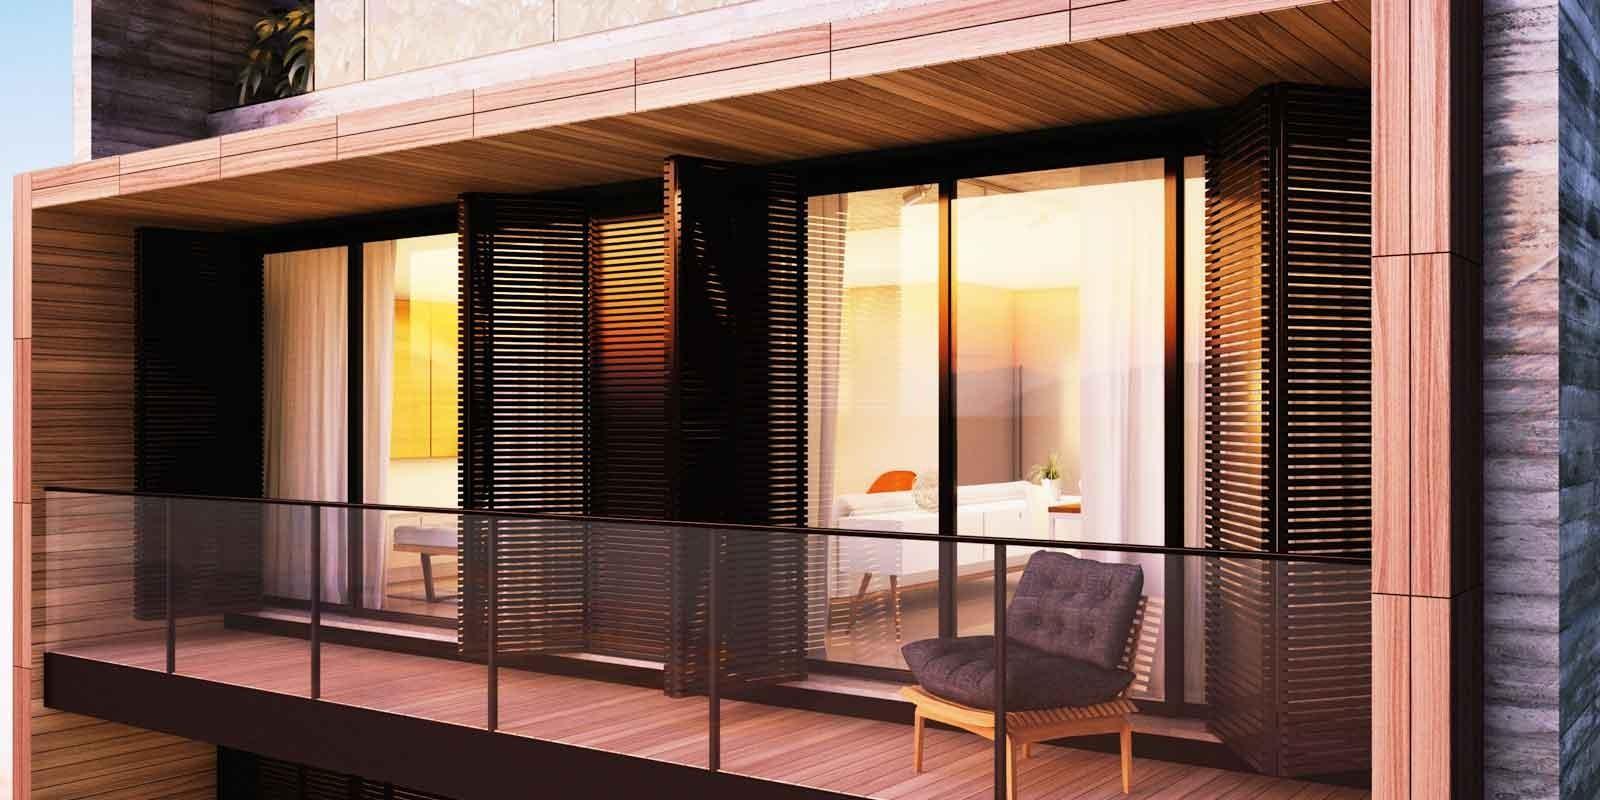 TPS Imóveis - Veja Foto 12 de 20 do Apartamentos com 1 ou 2 suítes com piscina na cobertura